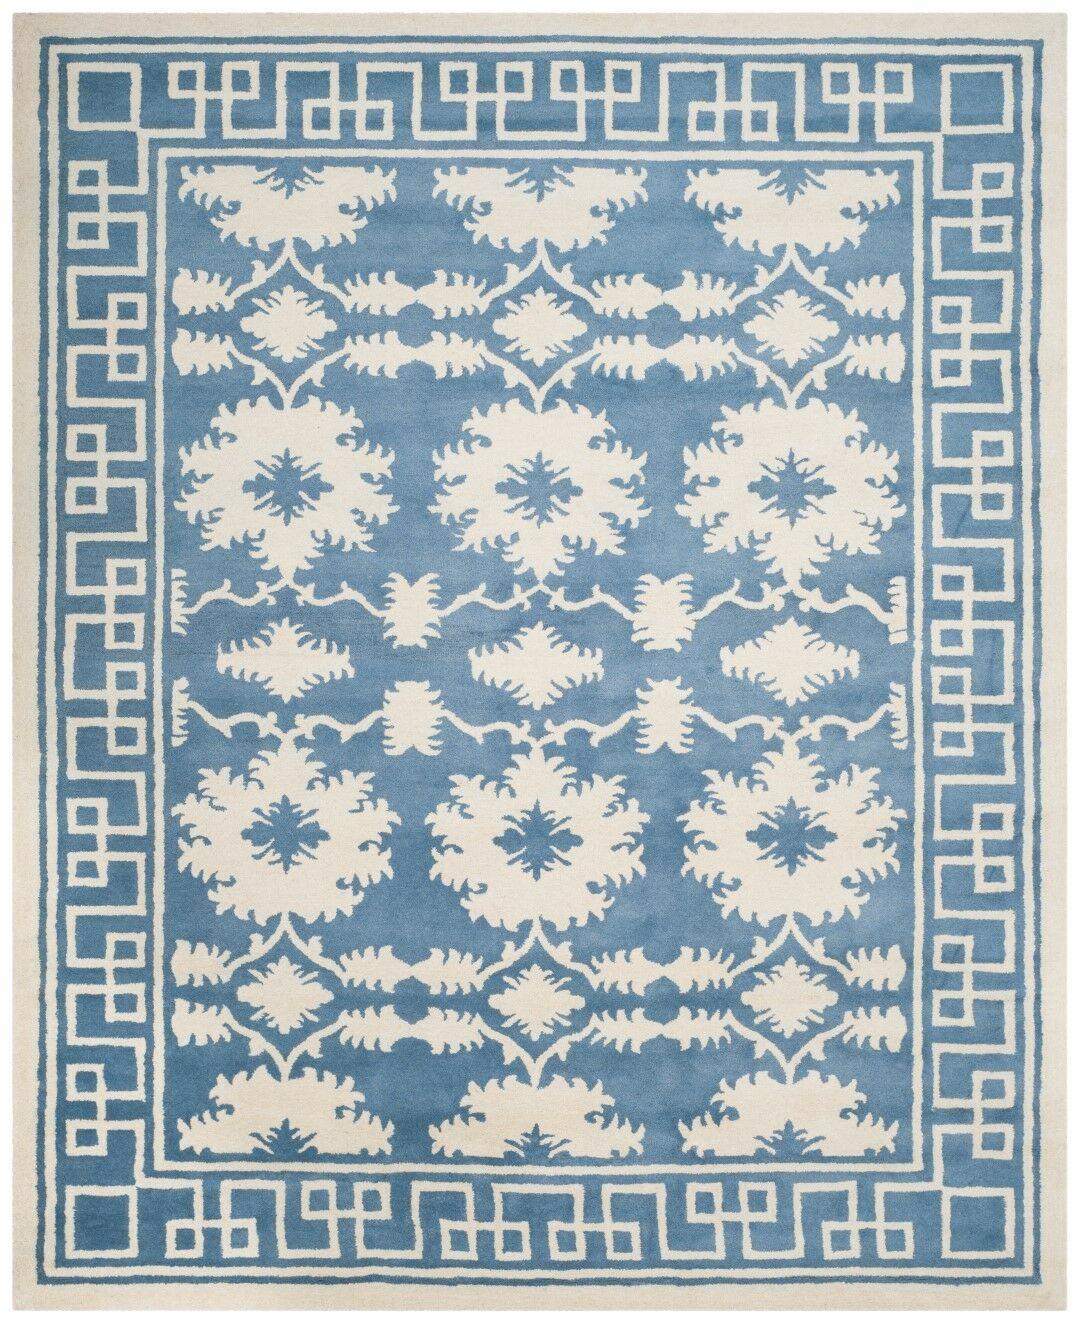 Amundson Hand Tufted Blue/Ivory Area Rug Rug Size: Rectangle 6' x 9'